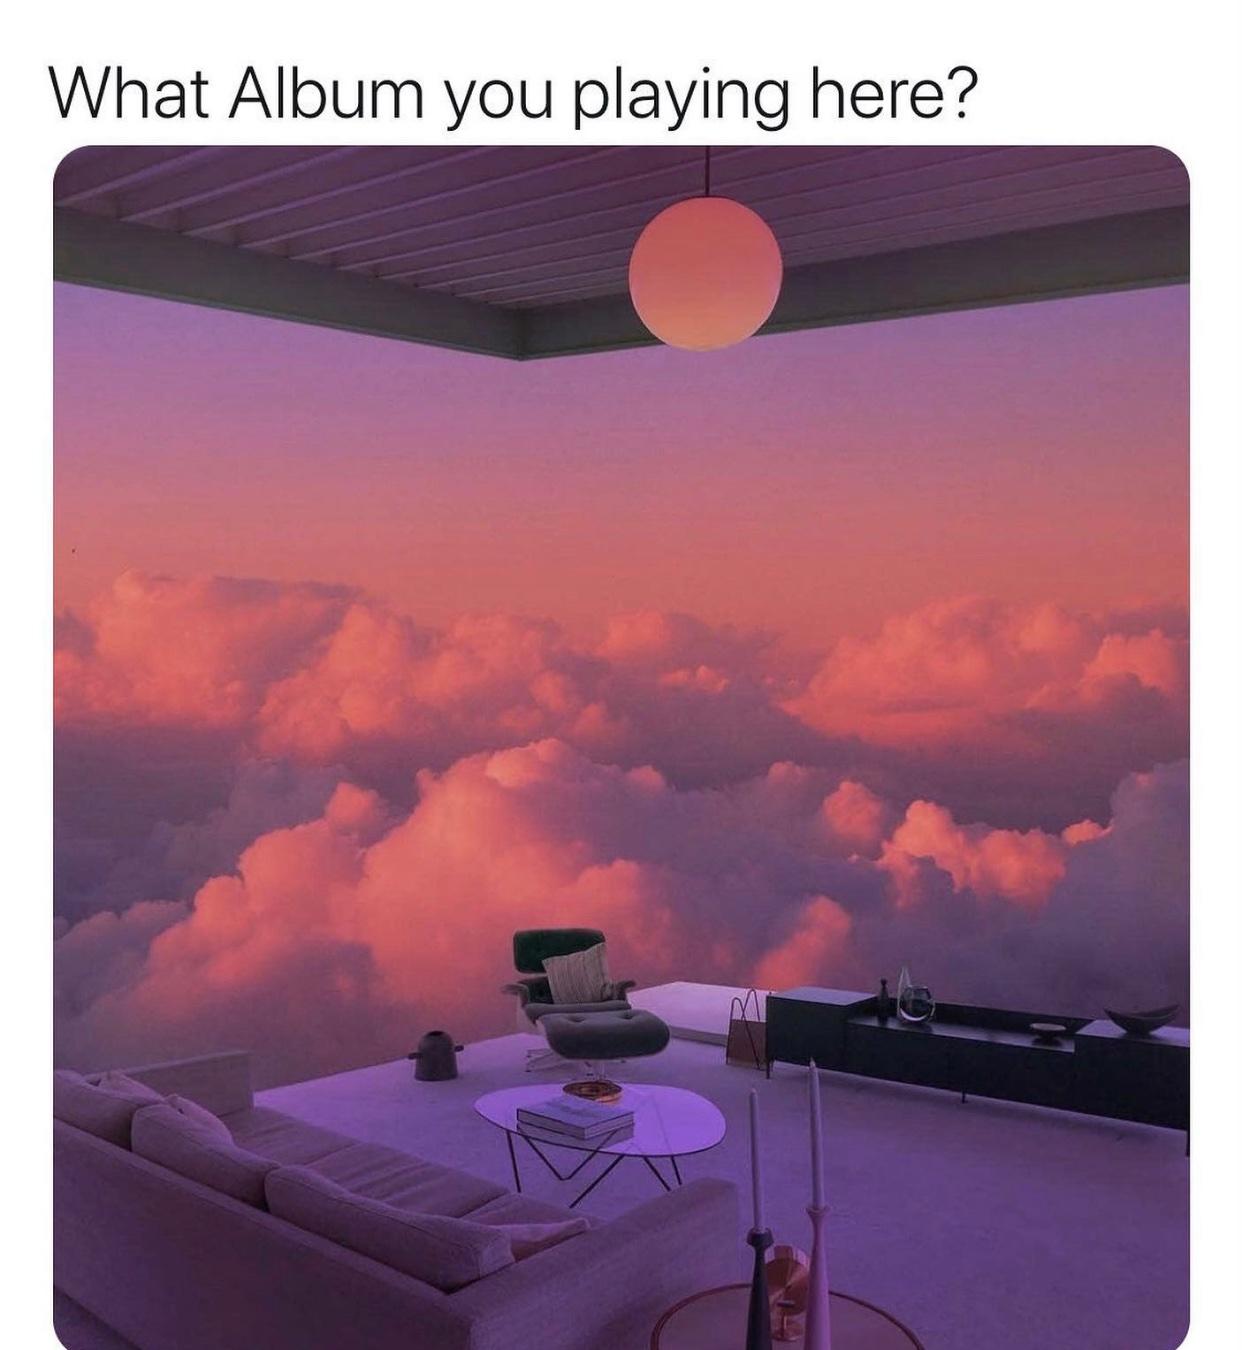 托拜厄斯发推:你们都在听什么音乐呢?我喜欢古典乐